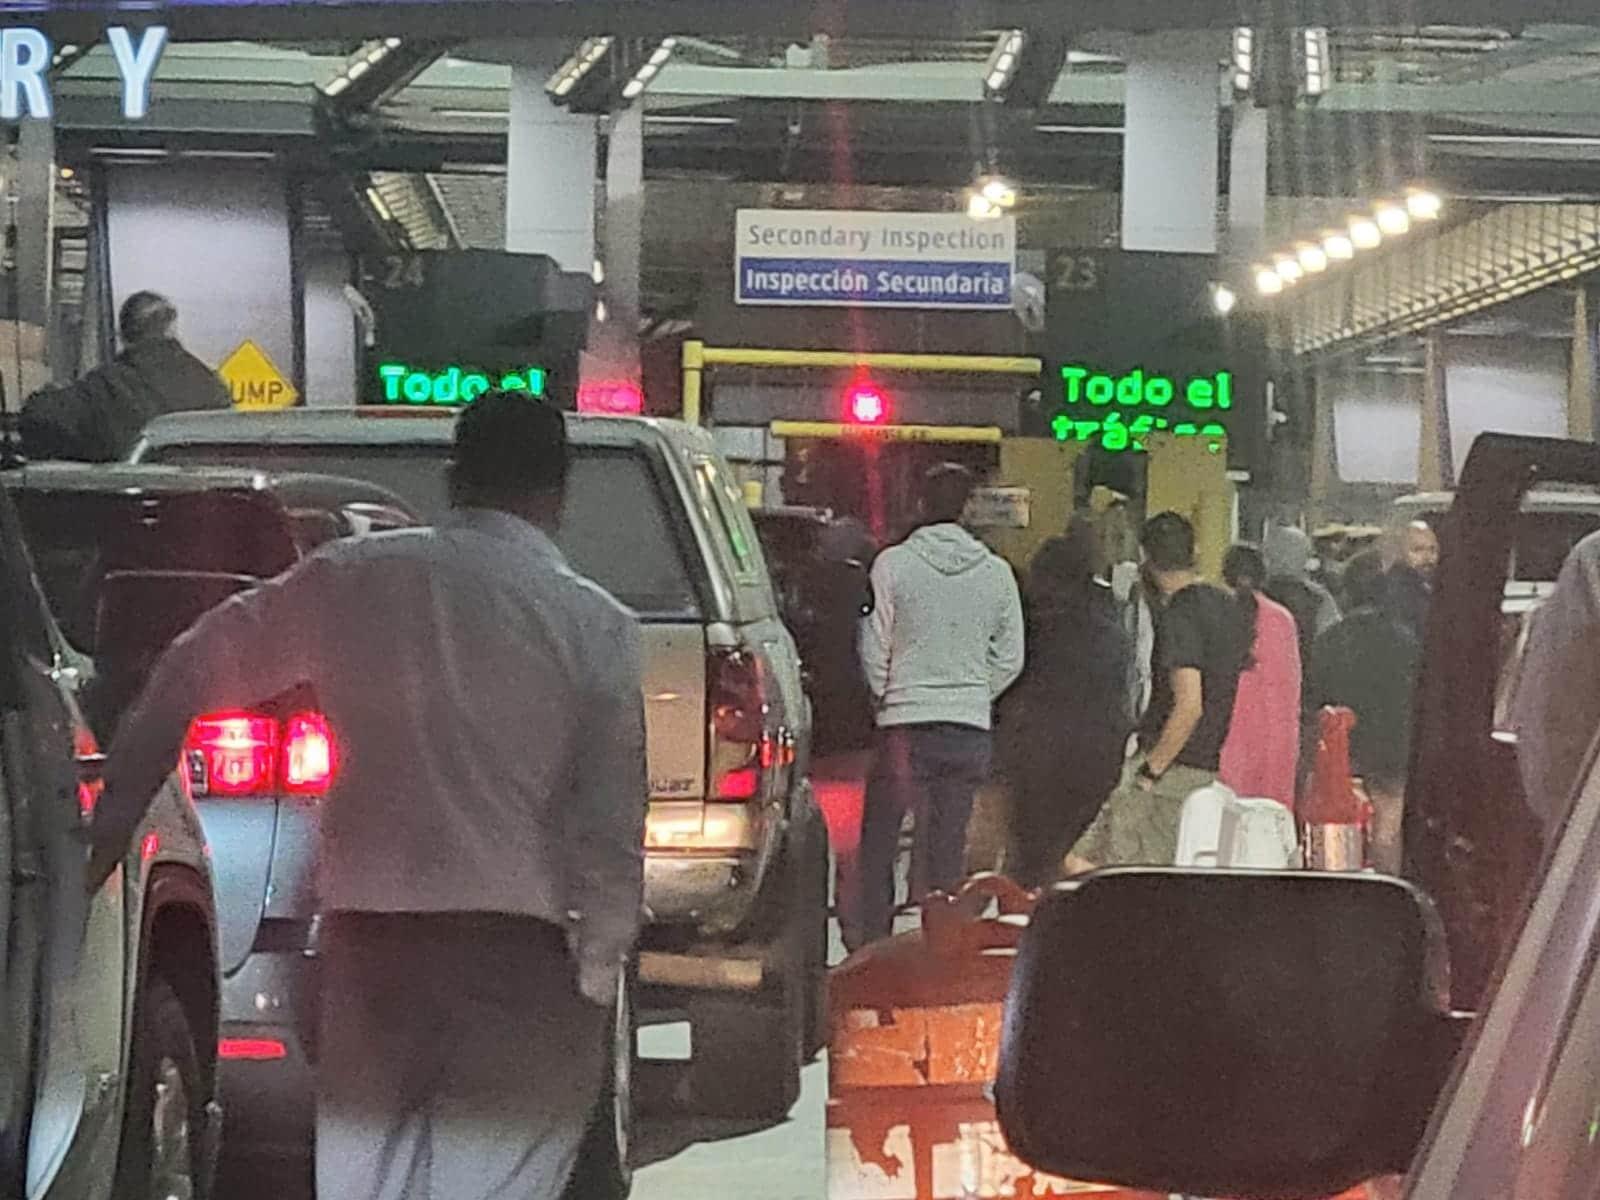 grupo-de-migrantes-intento-cruzar-a-eu-por-carriles-vehiculares